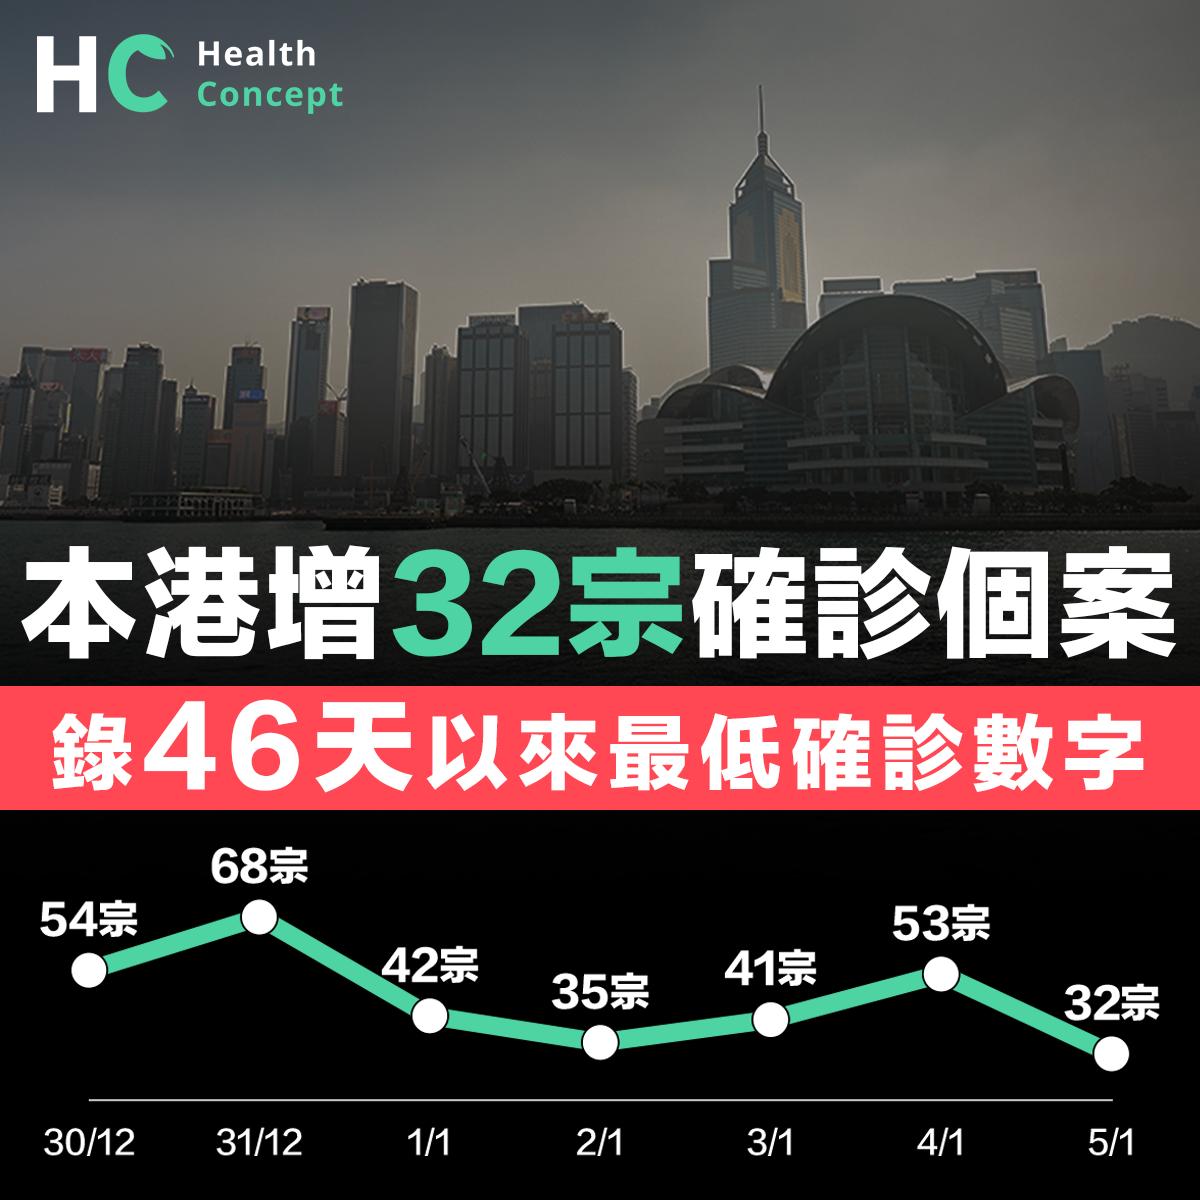 本港增32宗確診個案 錄46天以來最低確診數字